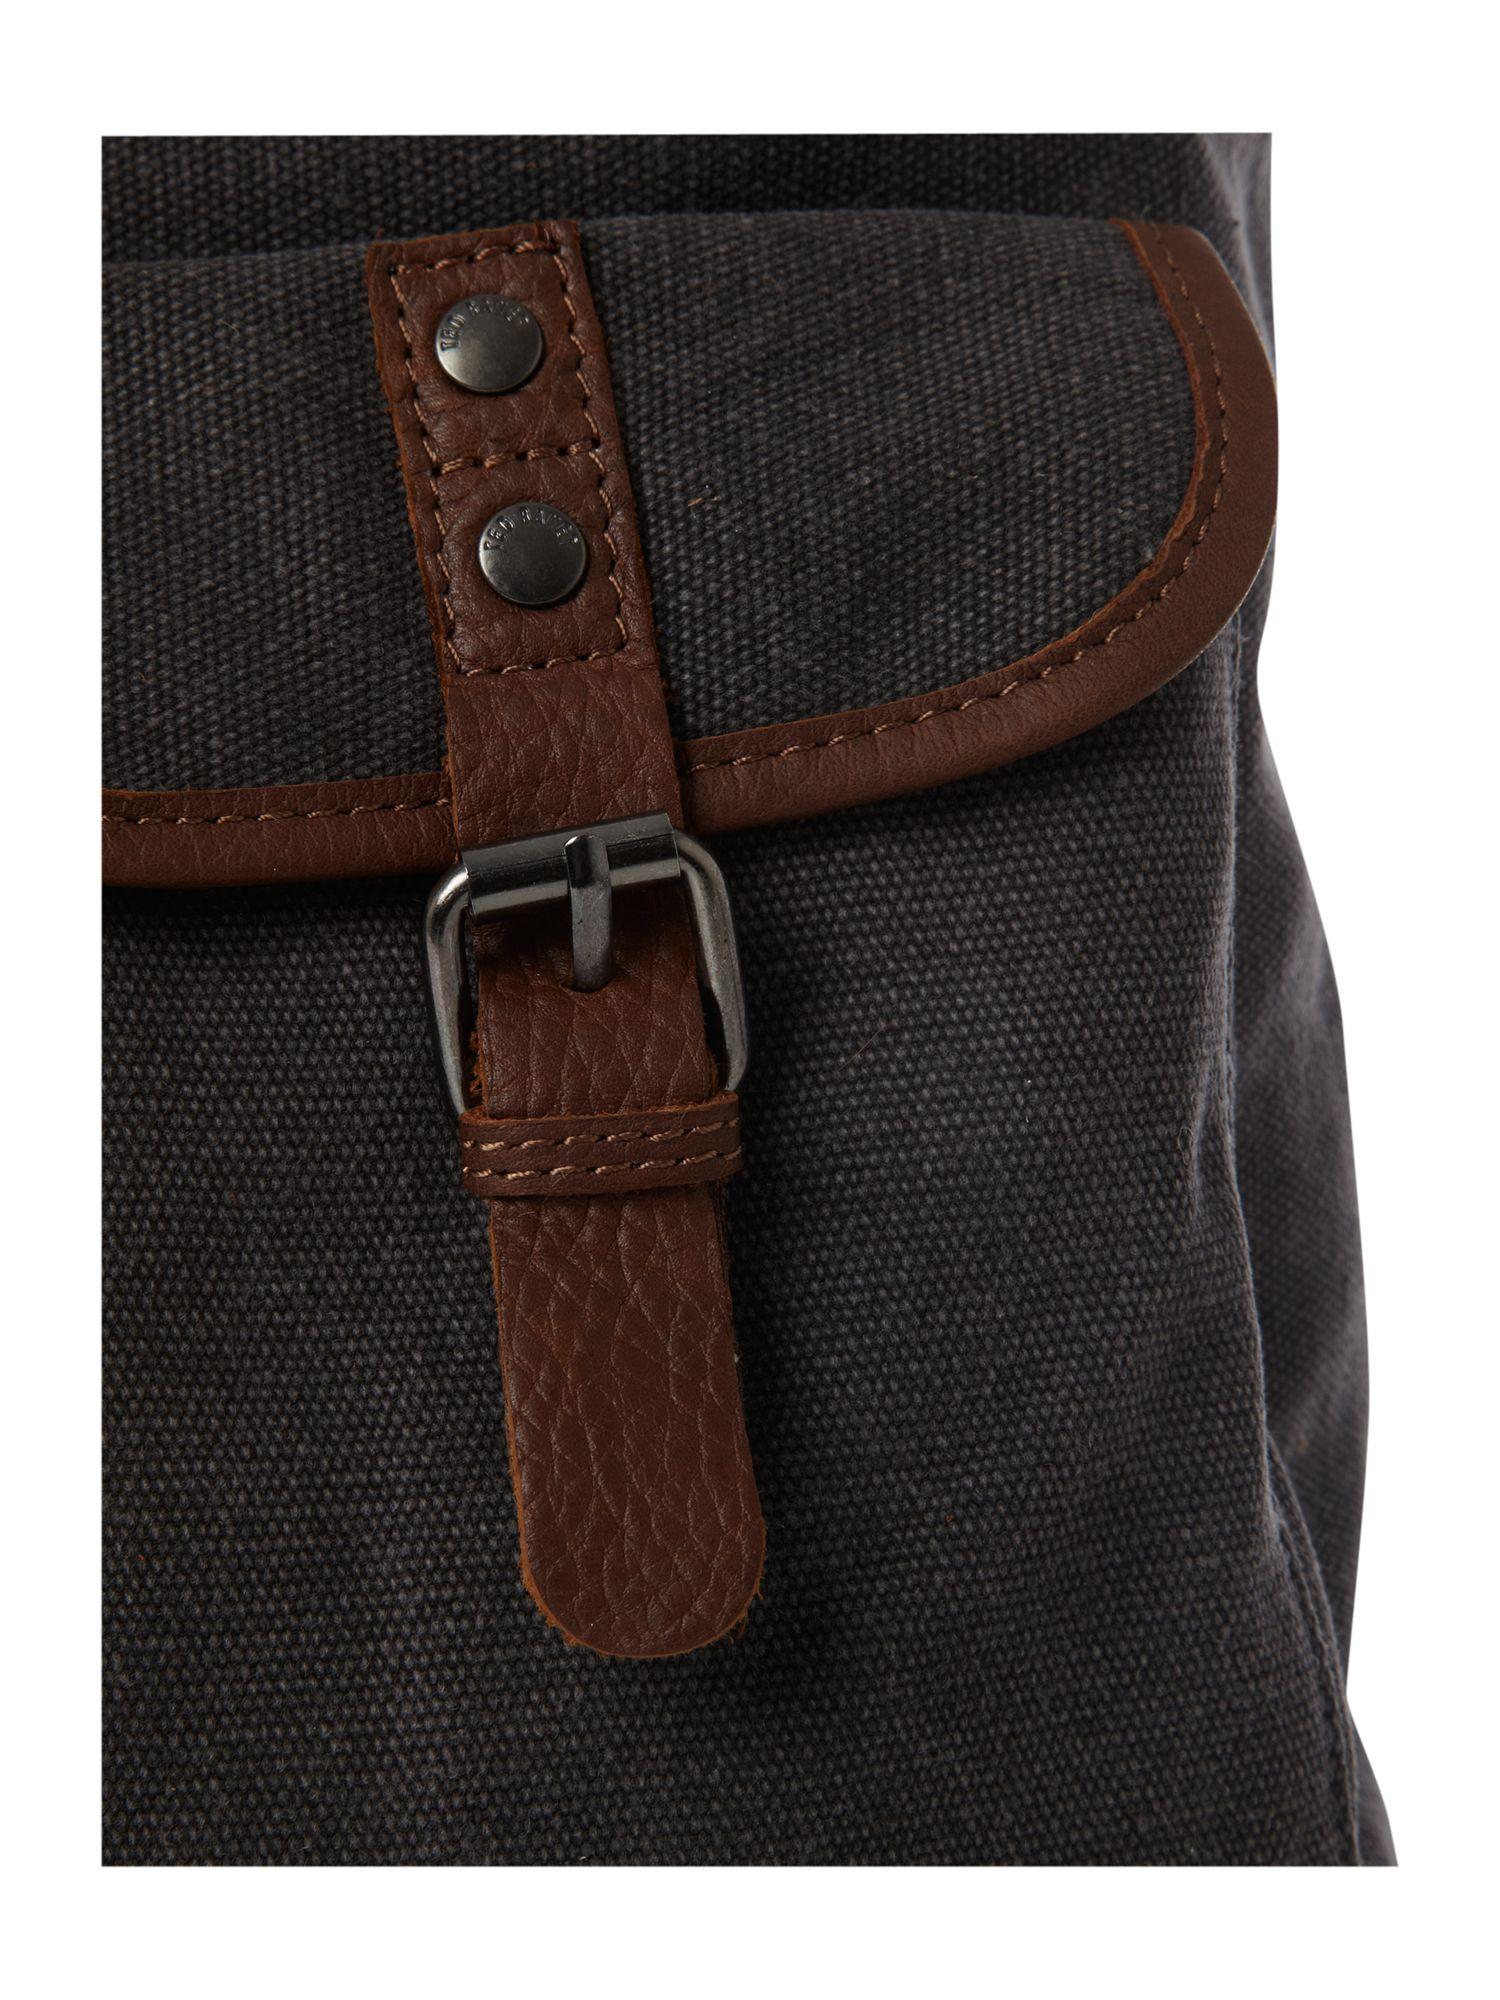 ted baker canvas backpack in gray for men lyst. Black Bedroom Furniture Sets. Home Design Ideas